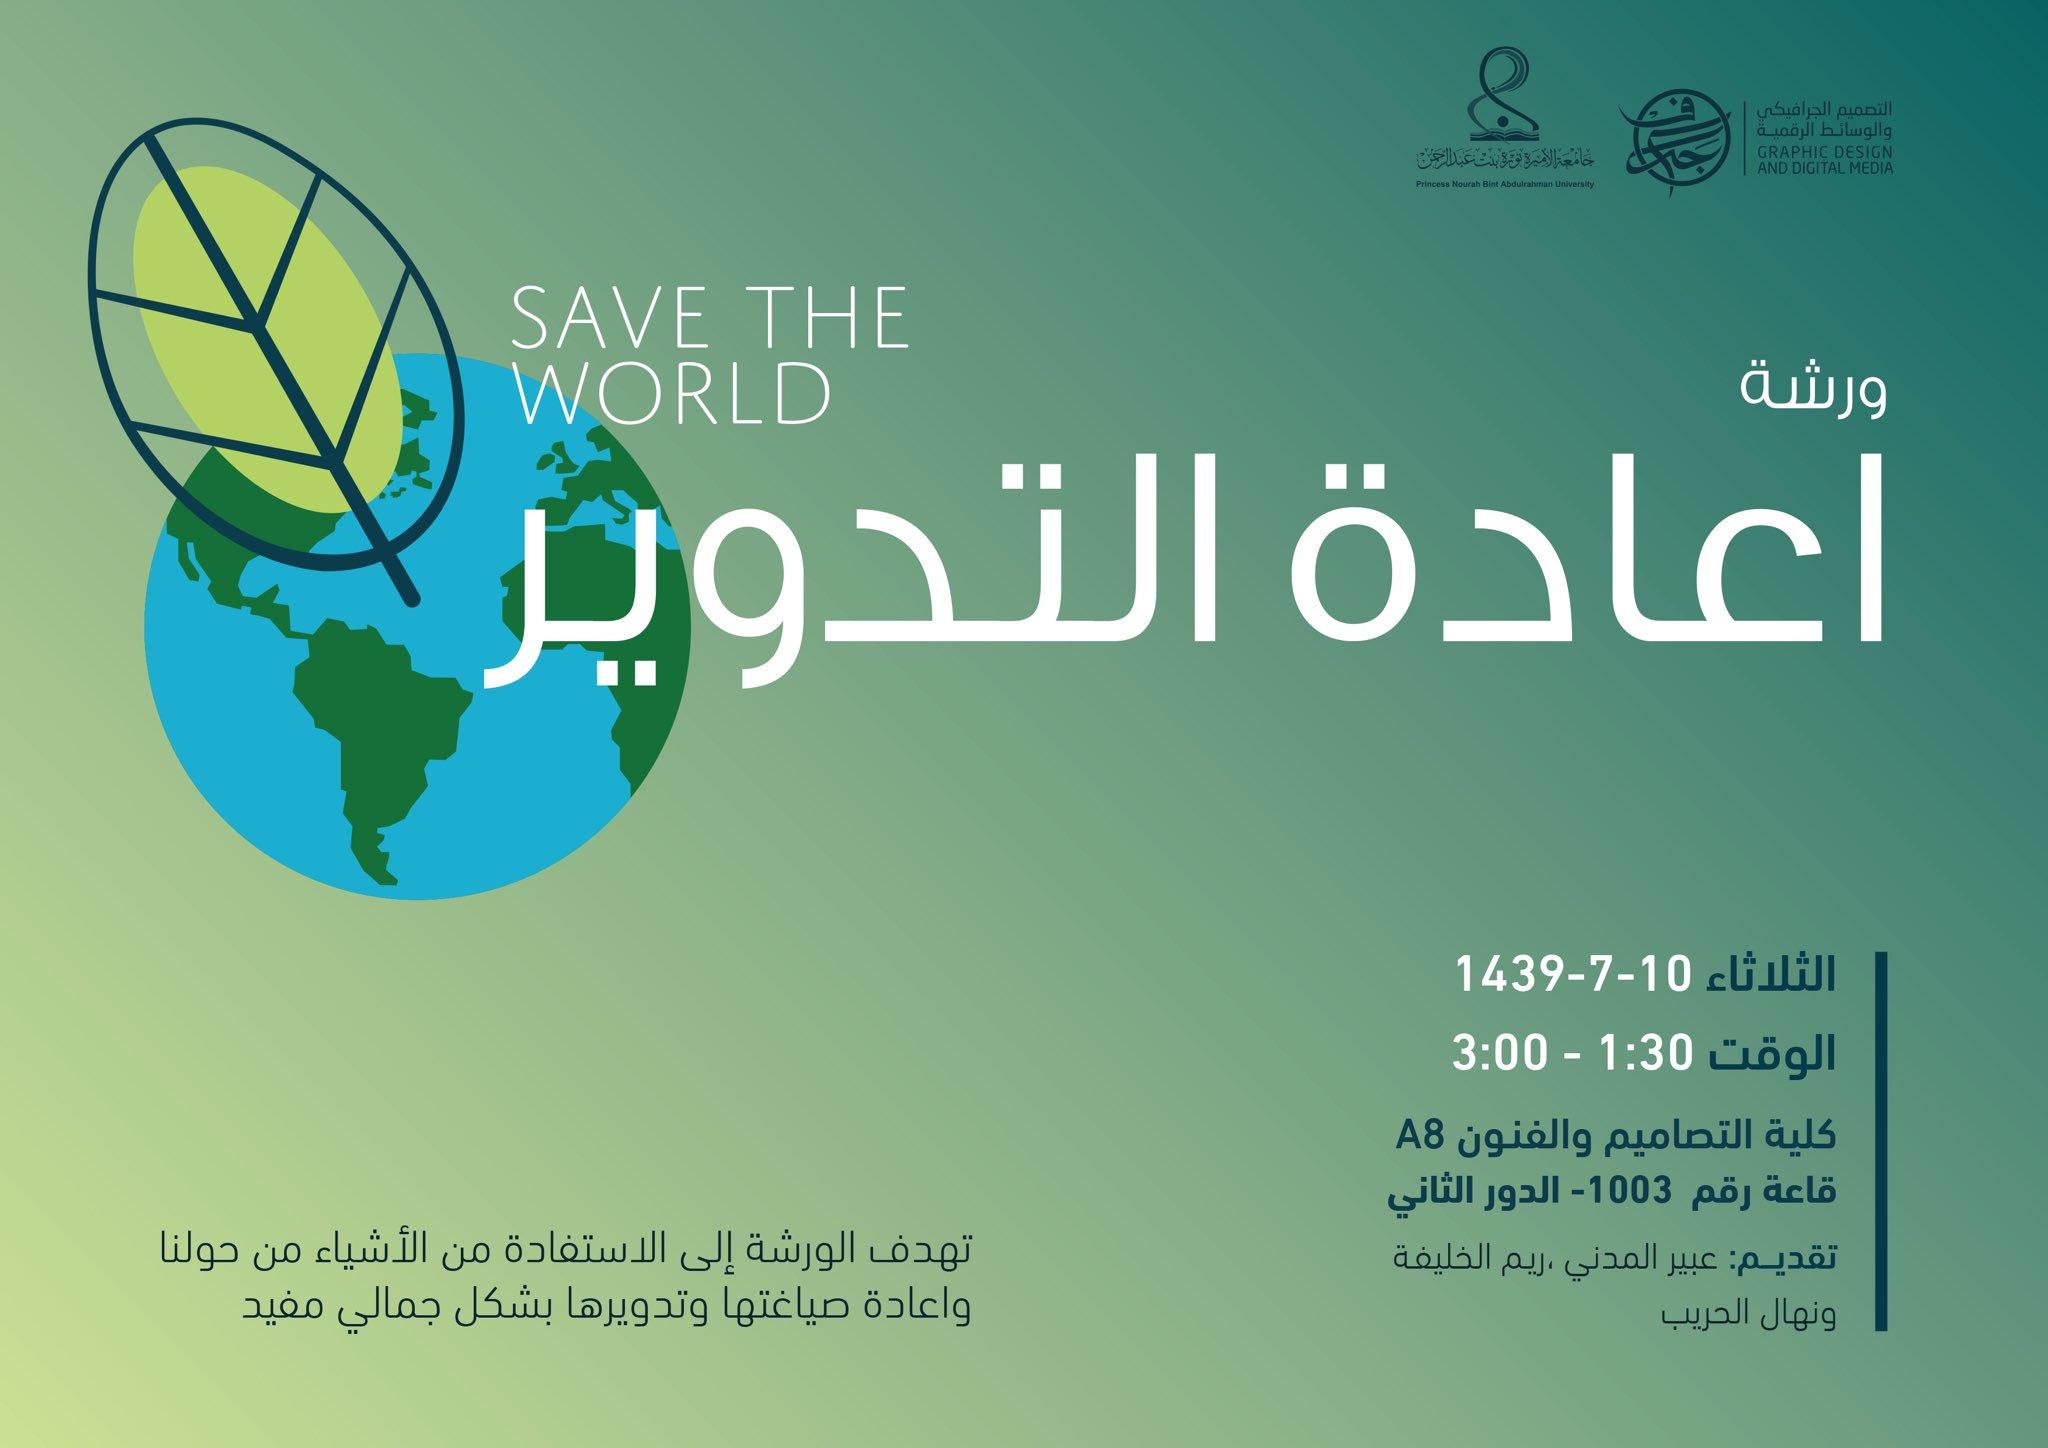 جامعة الأميرة نورة No Twitter إعلان من قسم تصميم الجرافيكي